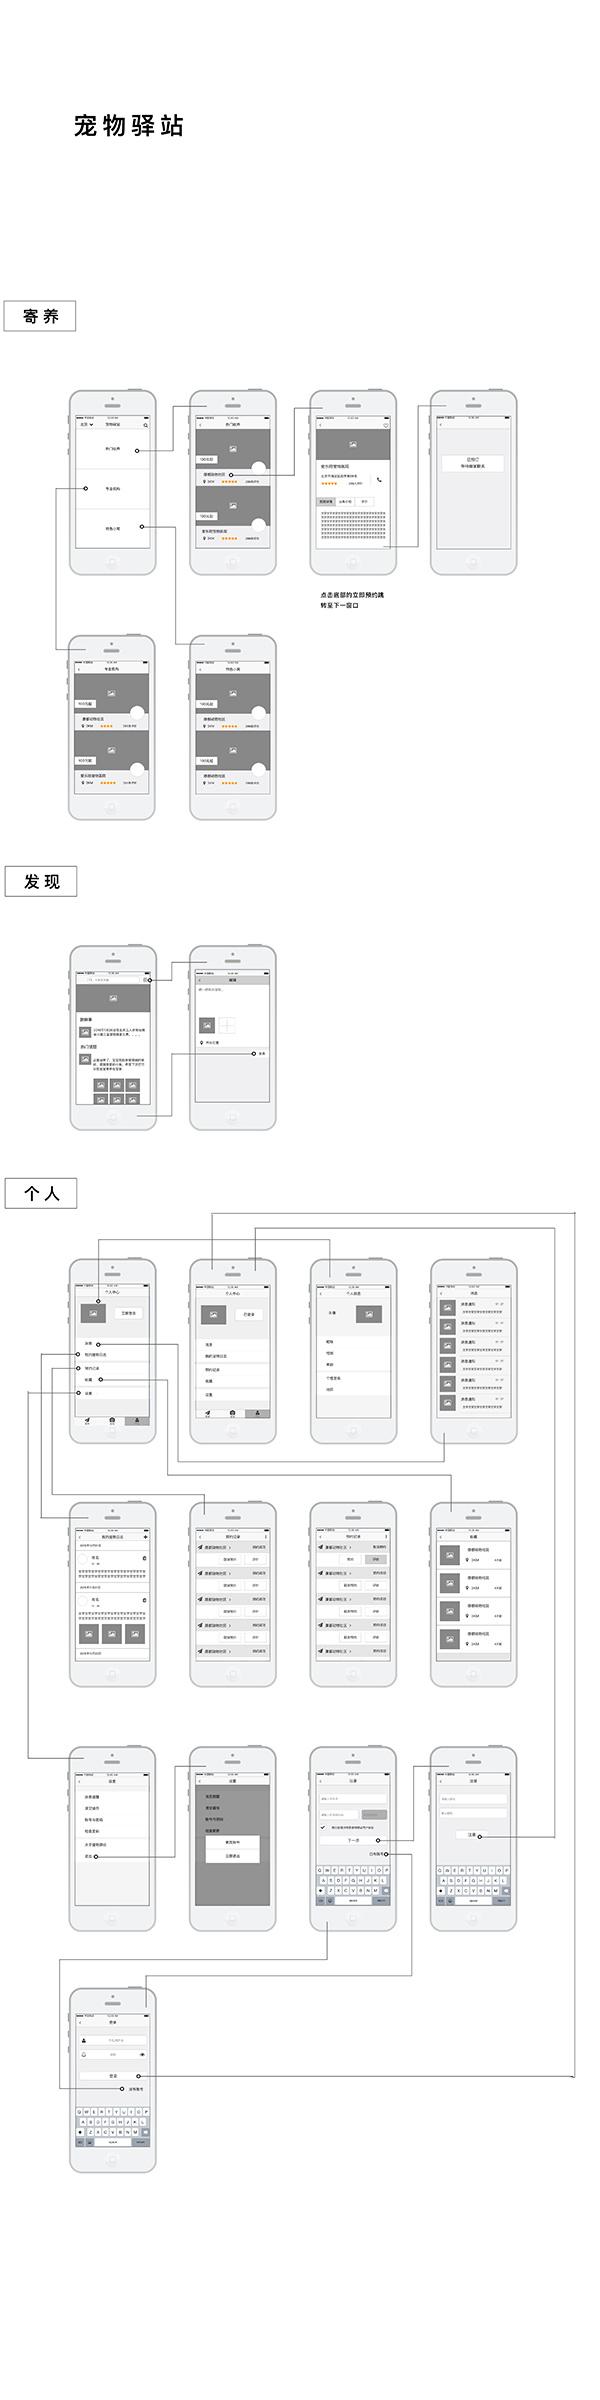 宠物驿站app-原型图|其他|其他|keepsilence - 原创